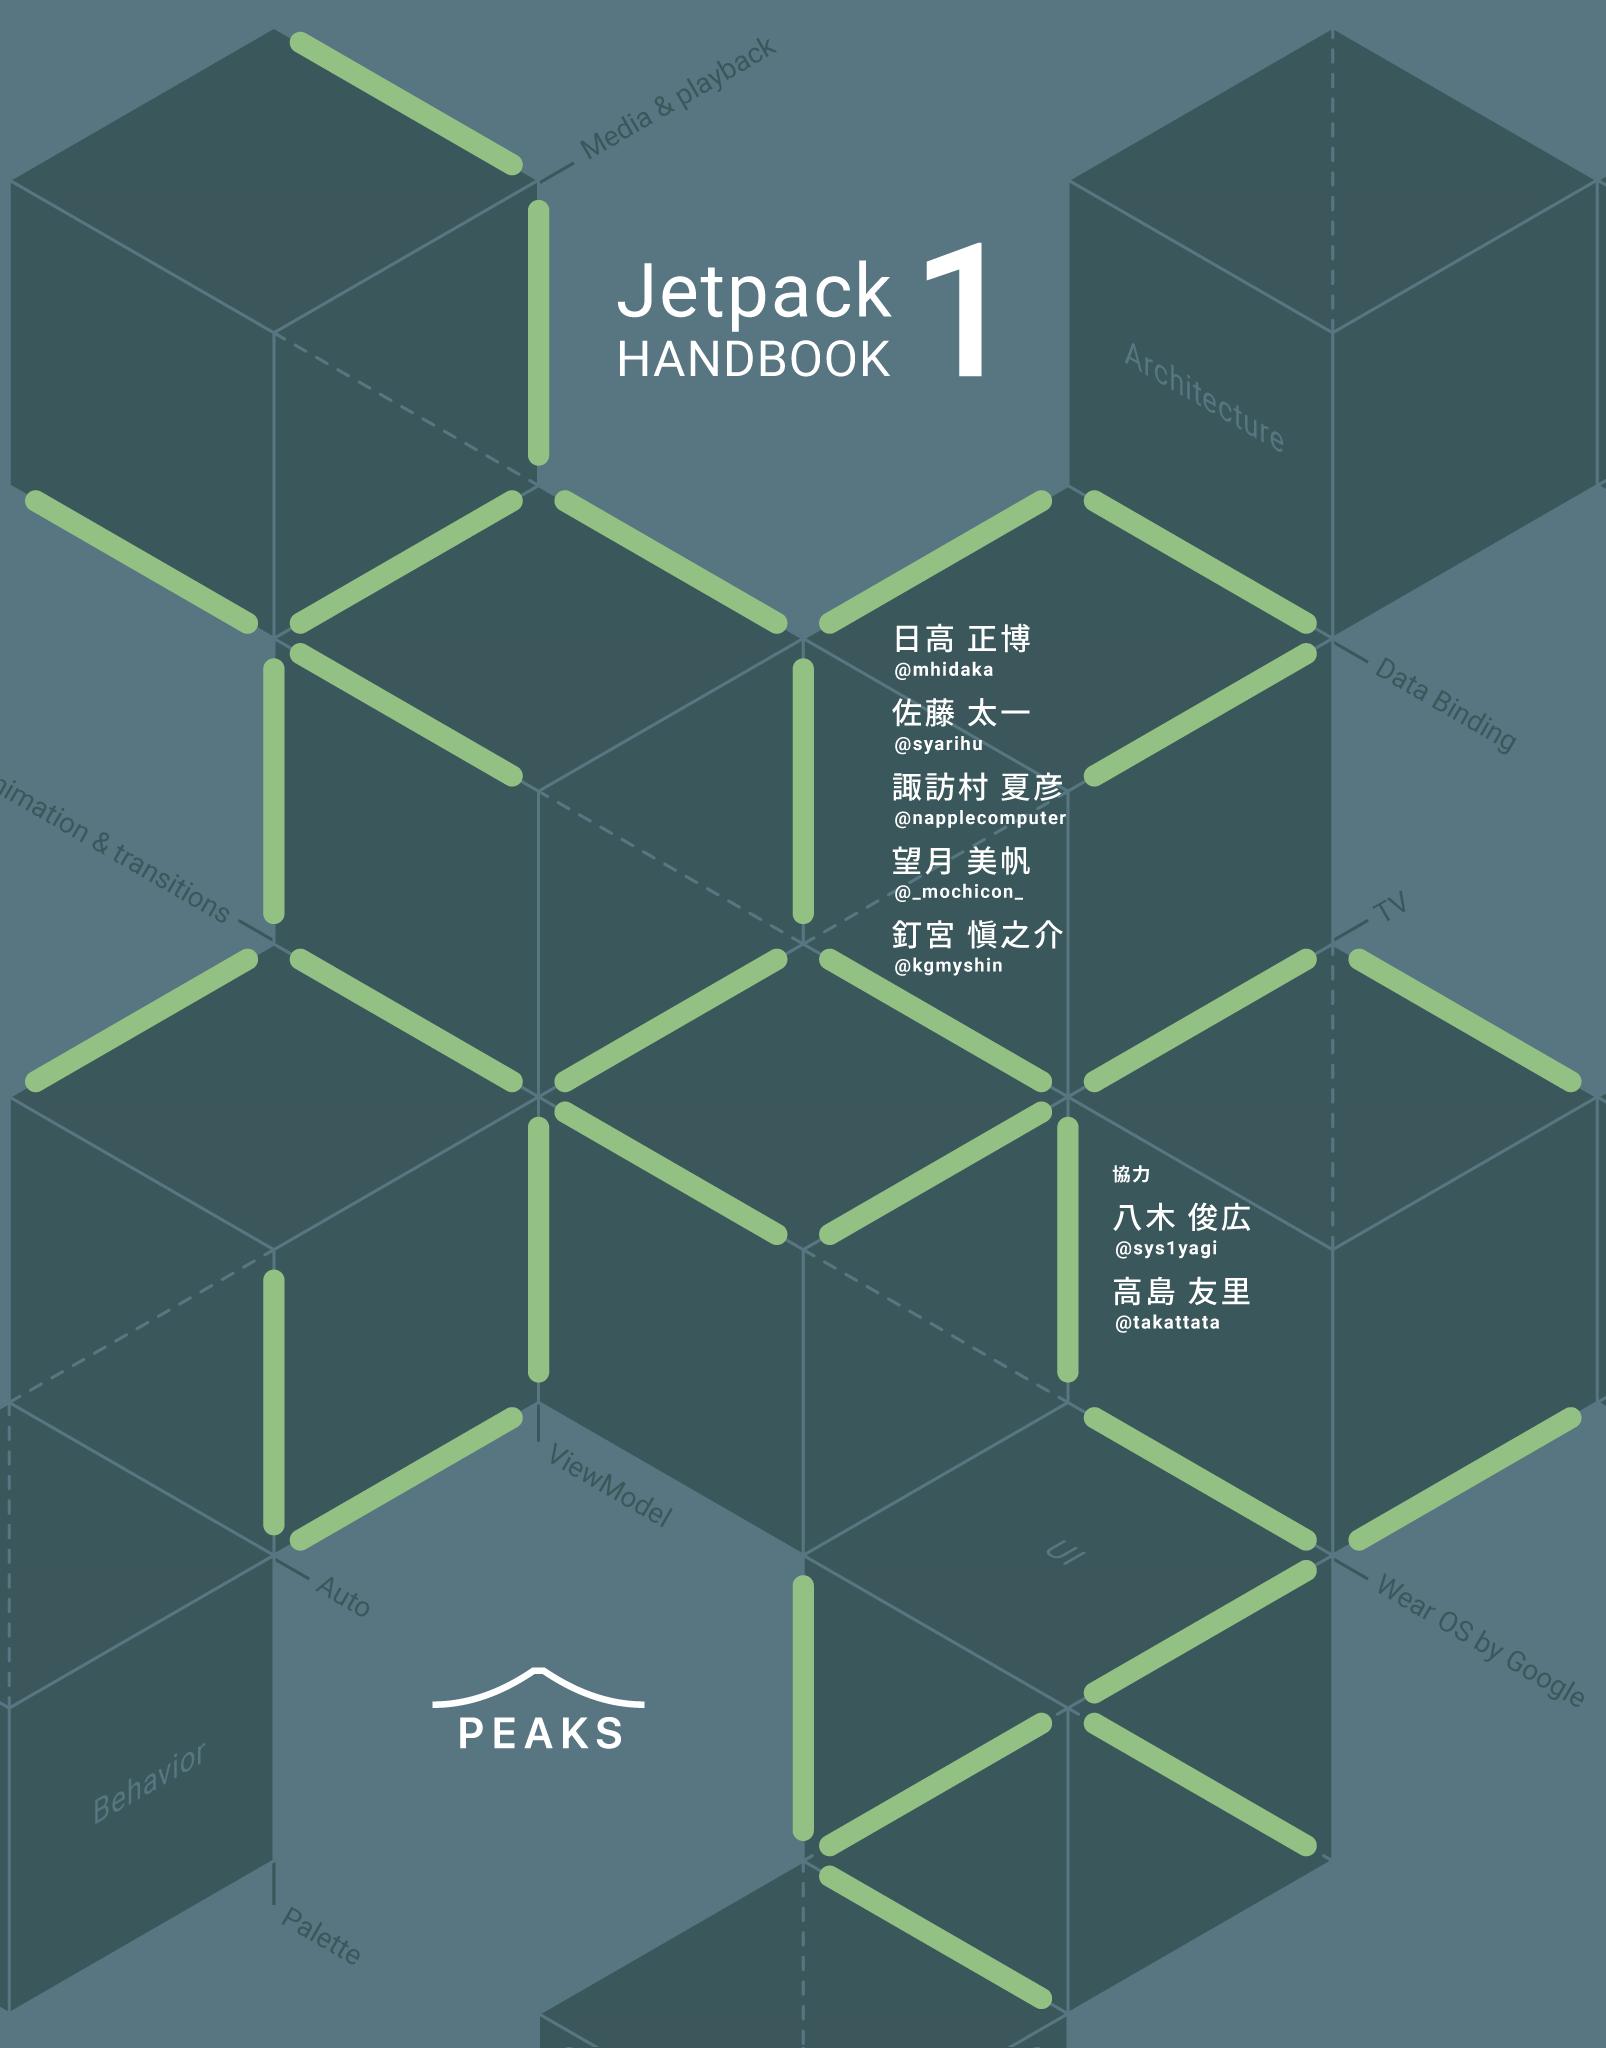 日高 正博, 佐藤 太一, 諏訪村 夏彦, 望月 美帆, 釘宮 愼之介 - Jetpack Handbook